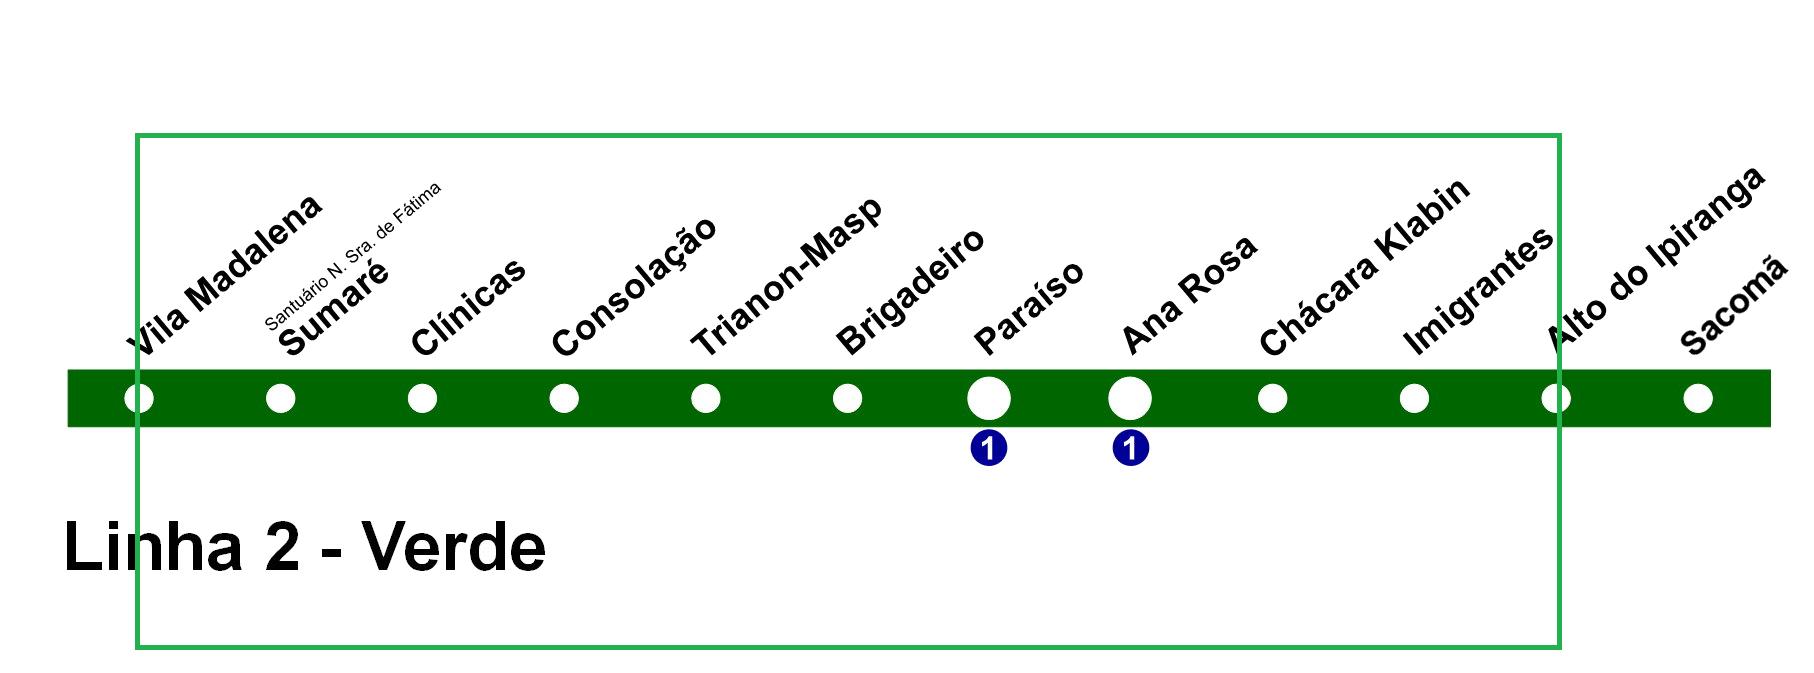 Linha 1 Azul- entre Saúde e Luz  Linha 2 – Verde entre Alto do Ipiranga e  Estação Vila Madalena  Linha 3 – Vermelha entre Penha e Marechal Deodoro   ... 2f1ecba7ba